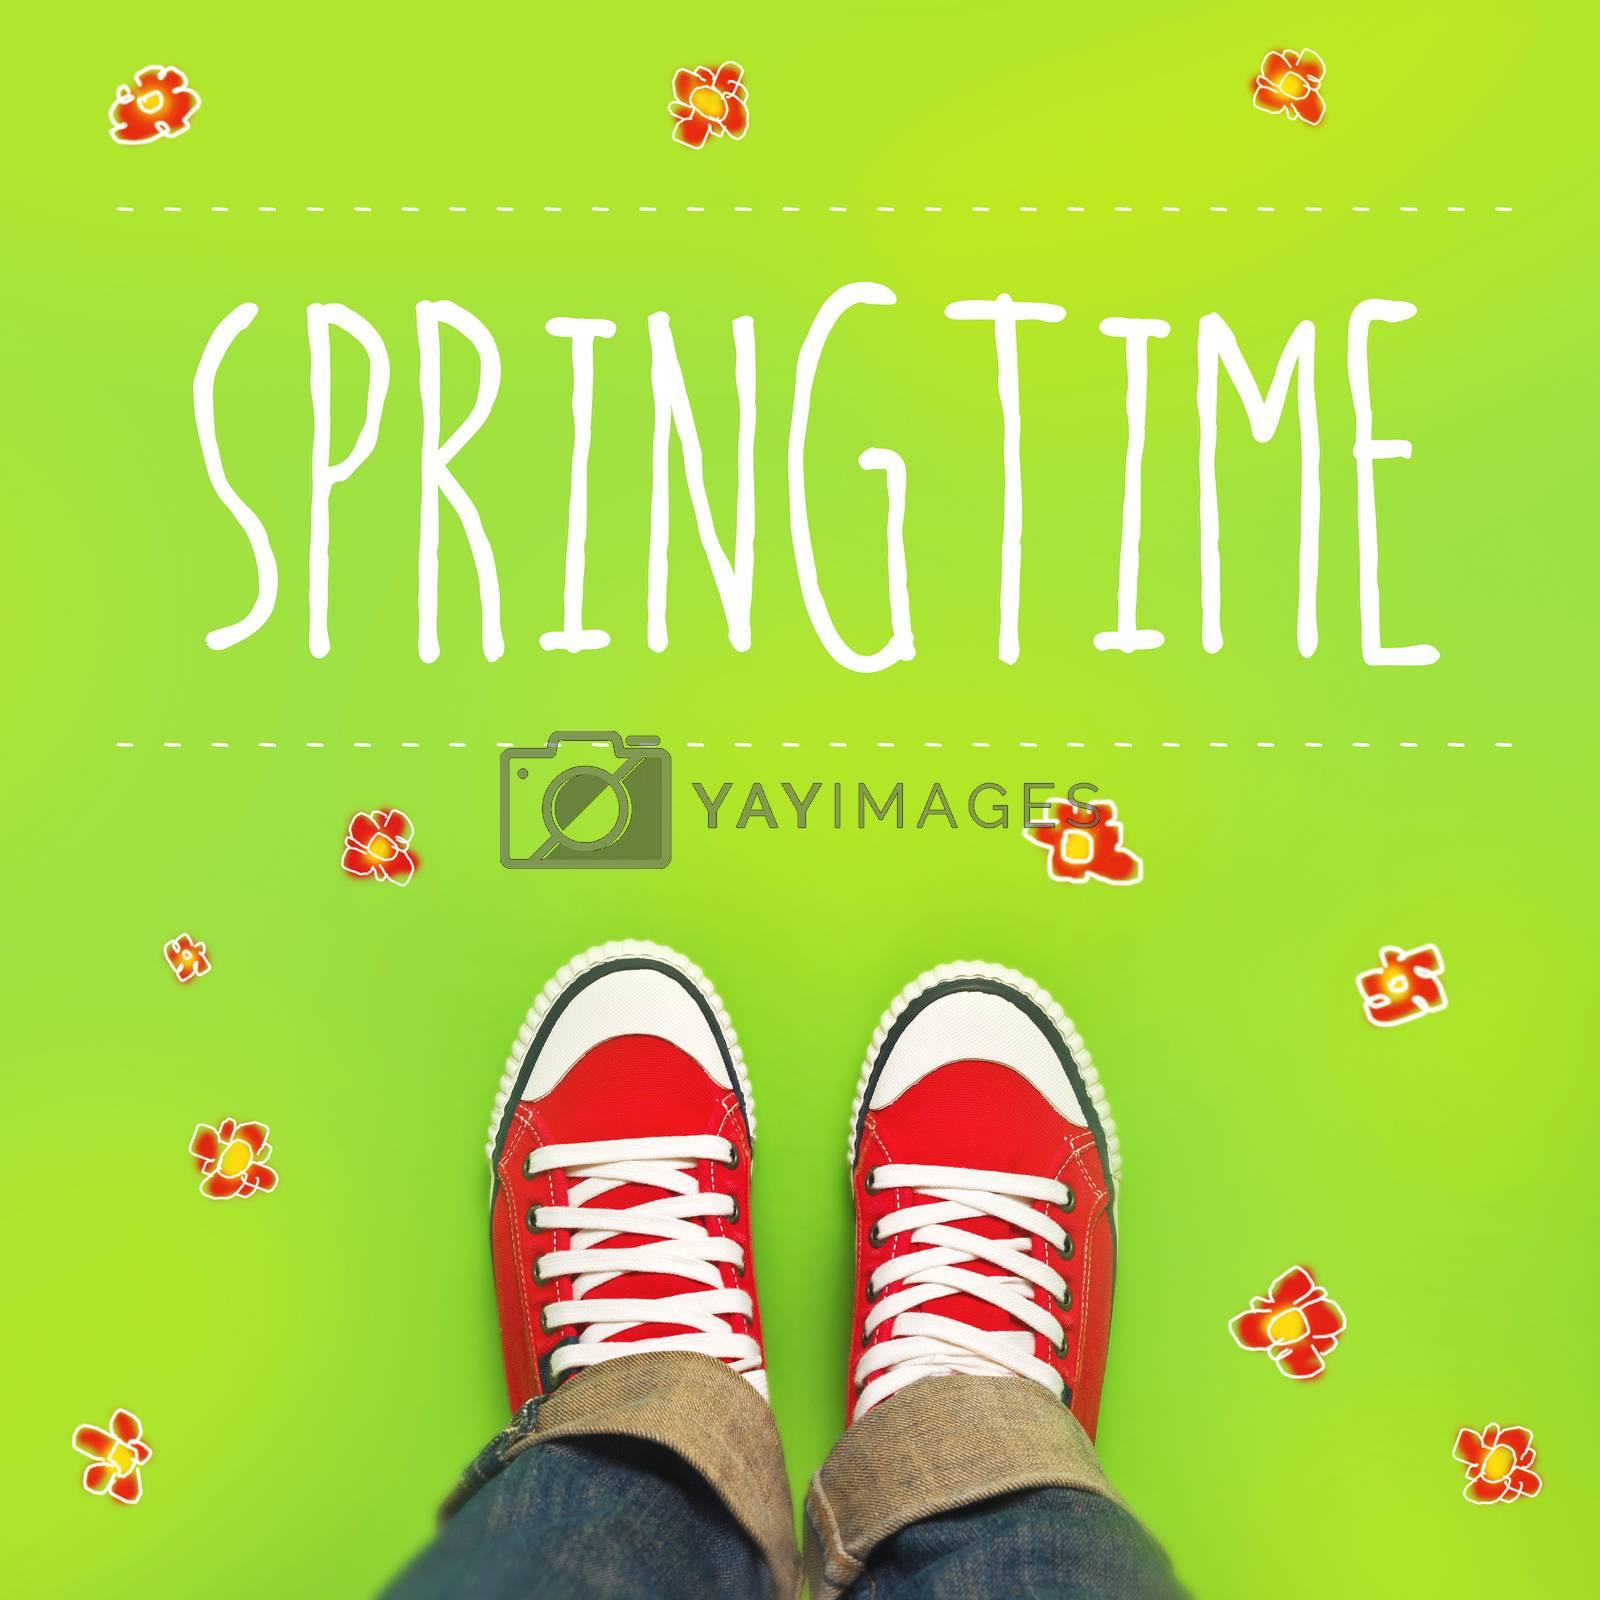 Springtime Concept by stevanovicigor